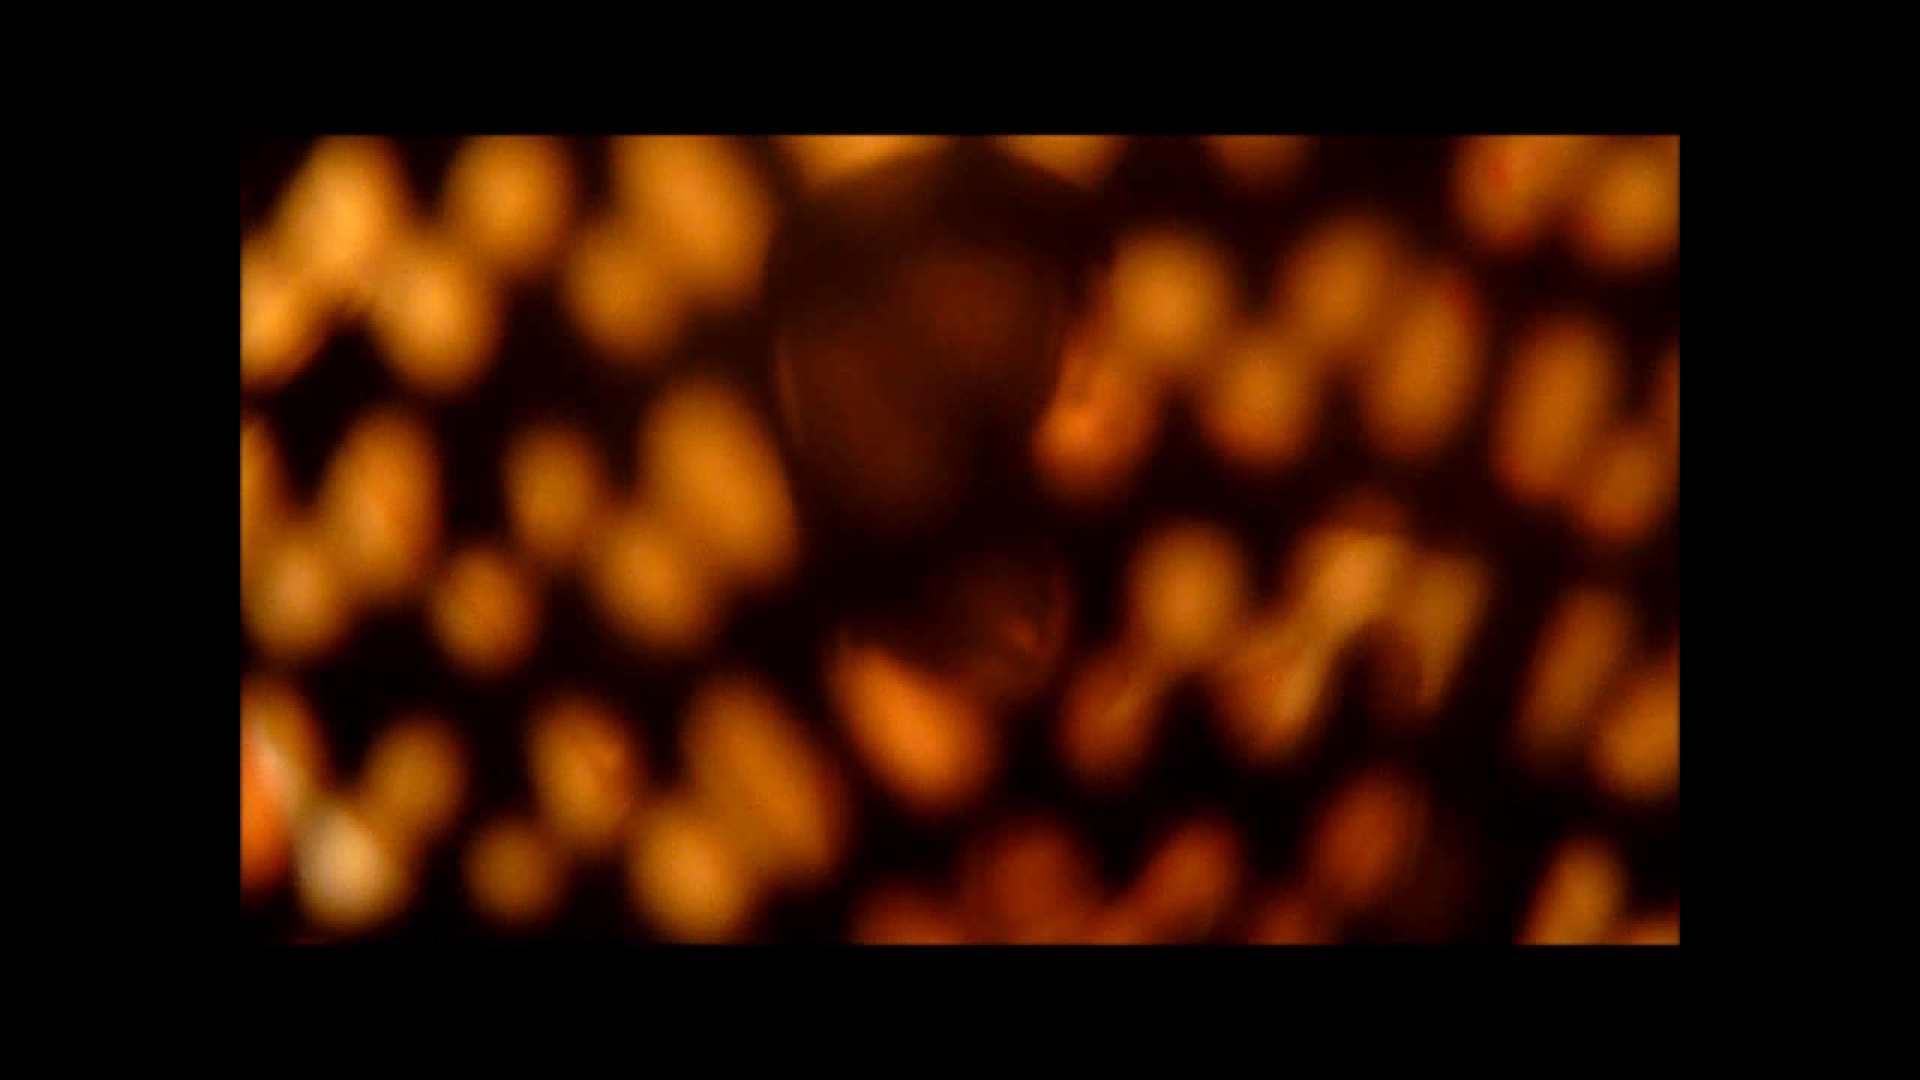 【02】ベランダに侵入して張り込みを始めて・・・やっと結果が出ました。 家宅侵入   0  107pic 65